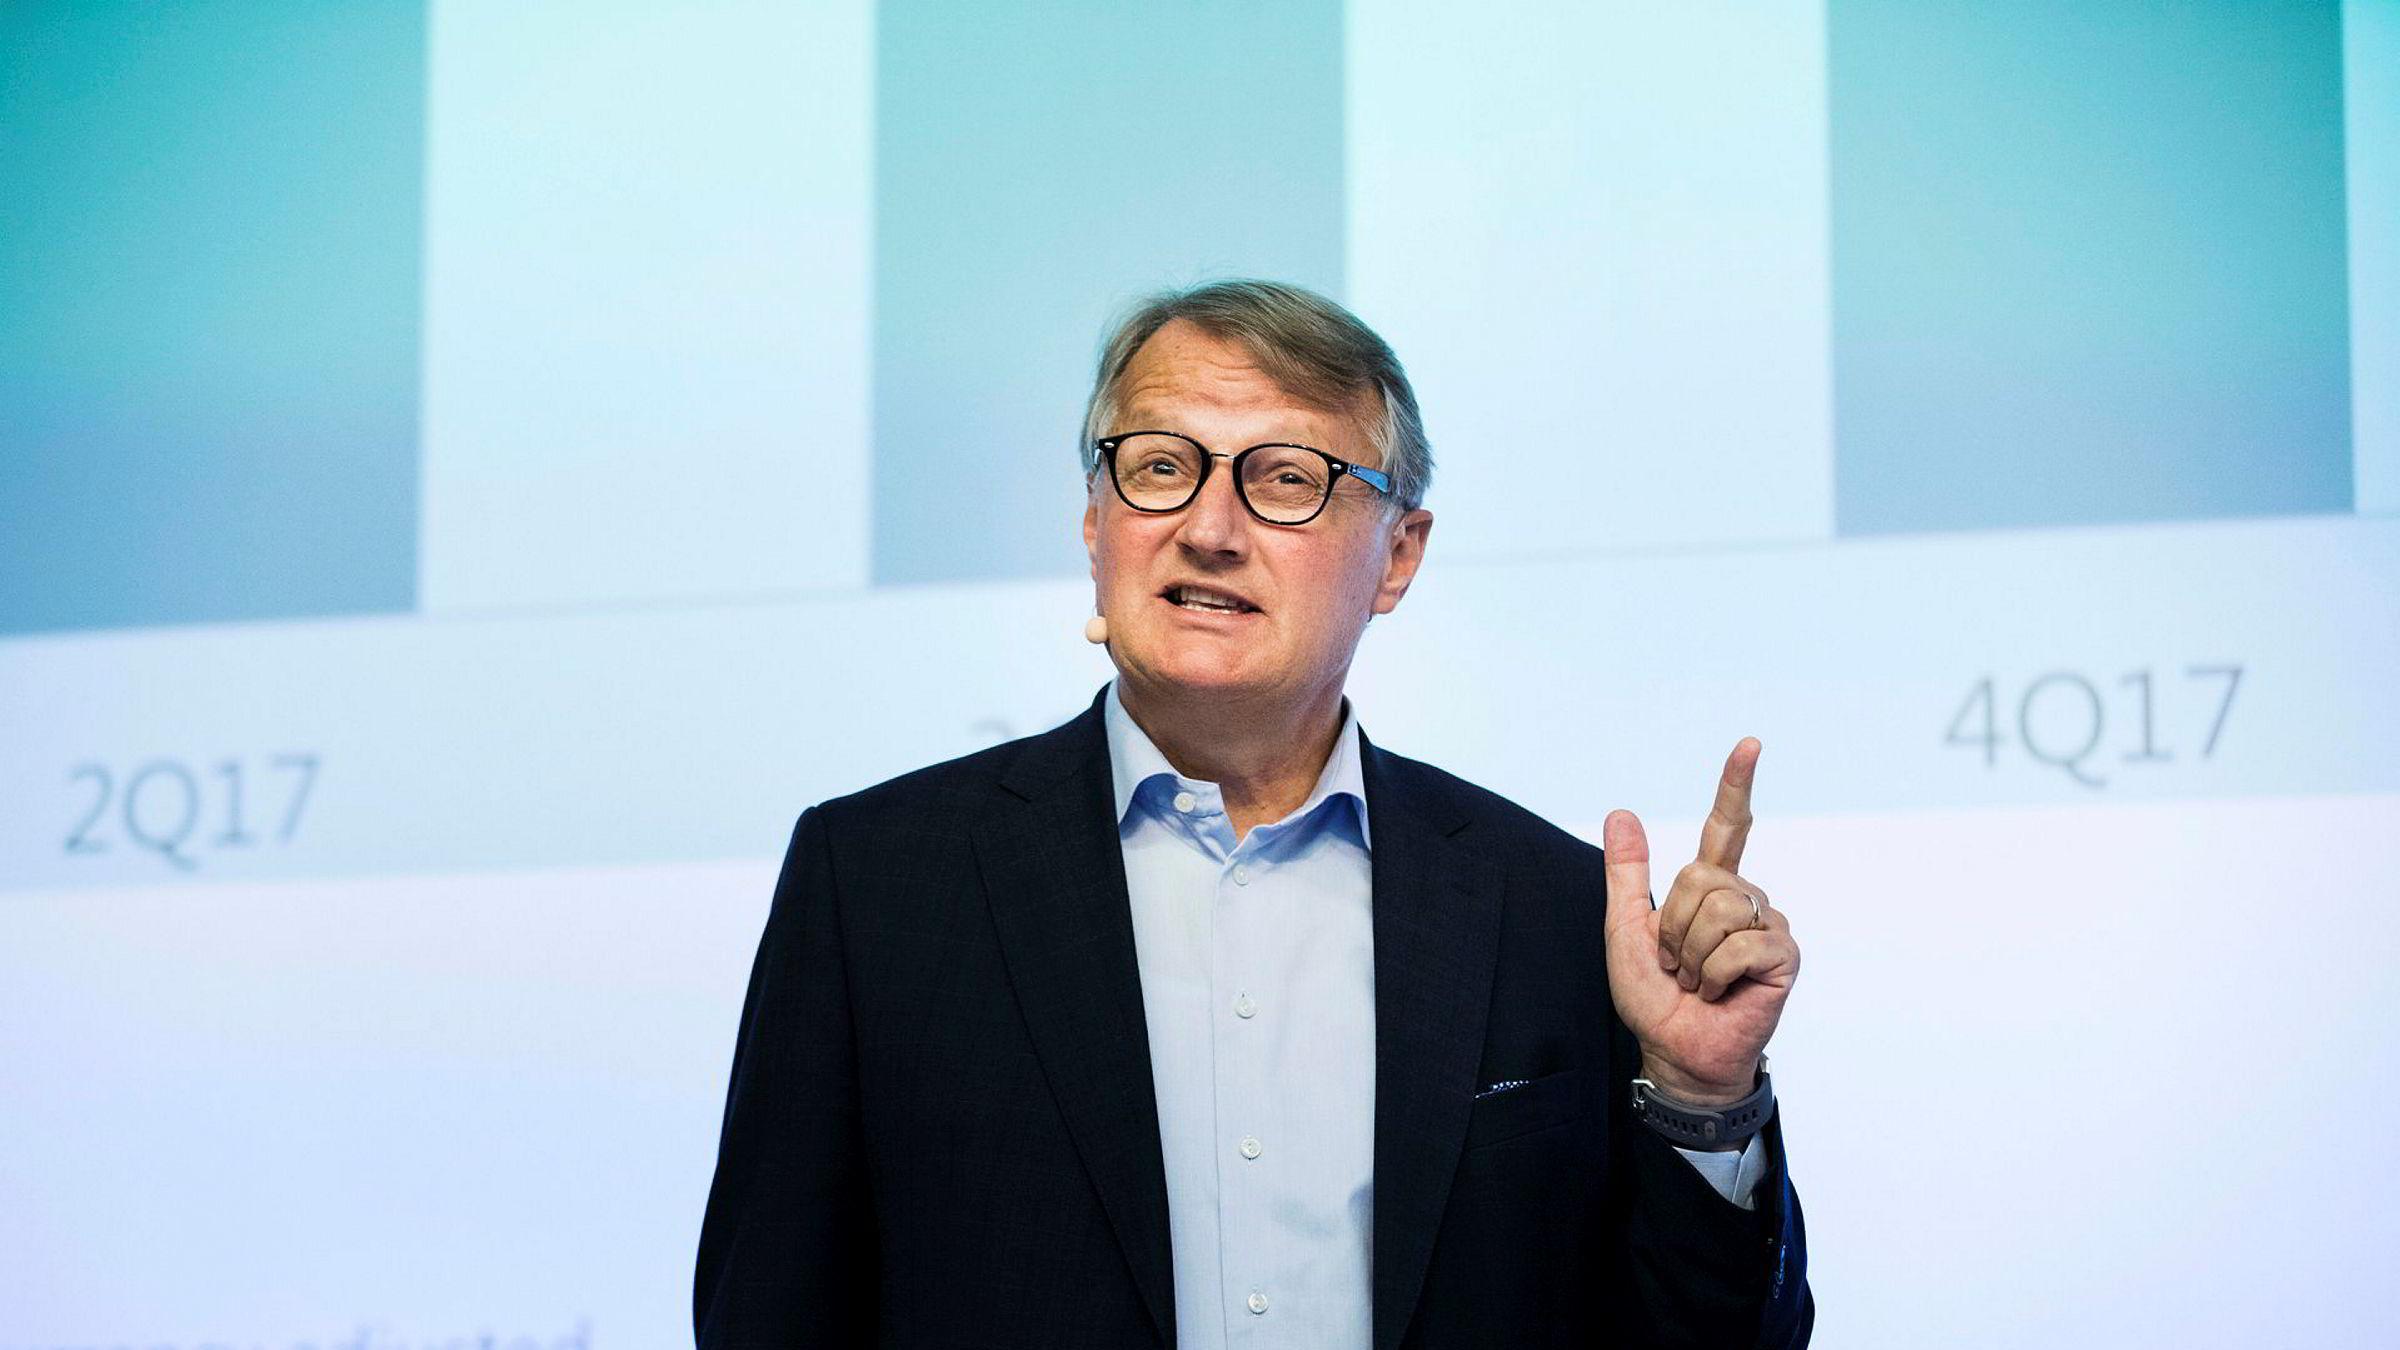 Da Rune Bjerke ledet DNB, forvaltet banken aksjefond i strid med god forretningsskikk. Det er dommen fra Høyesterett.